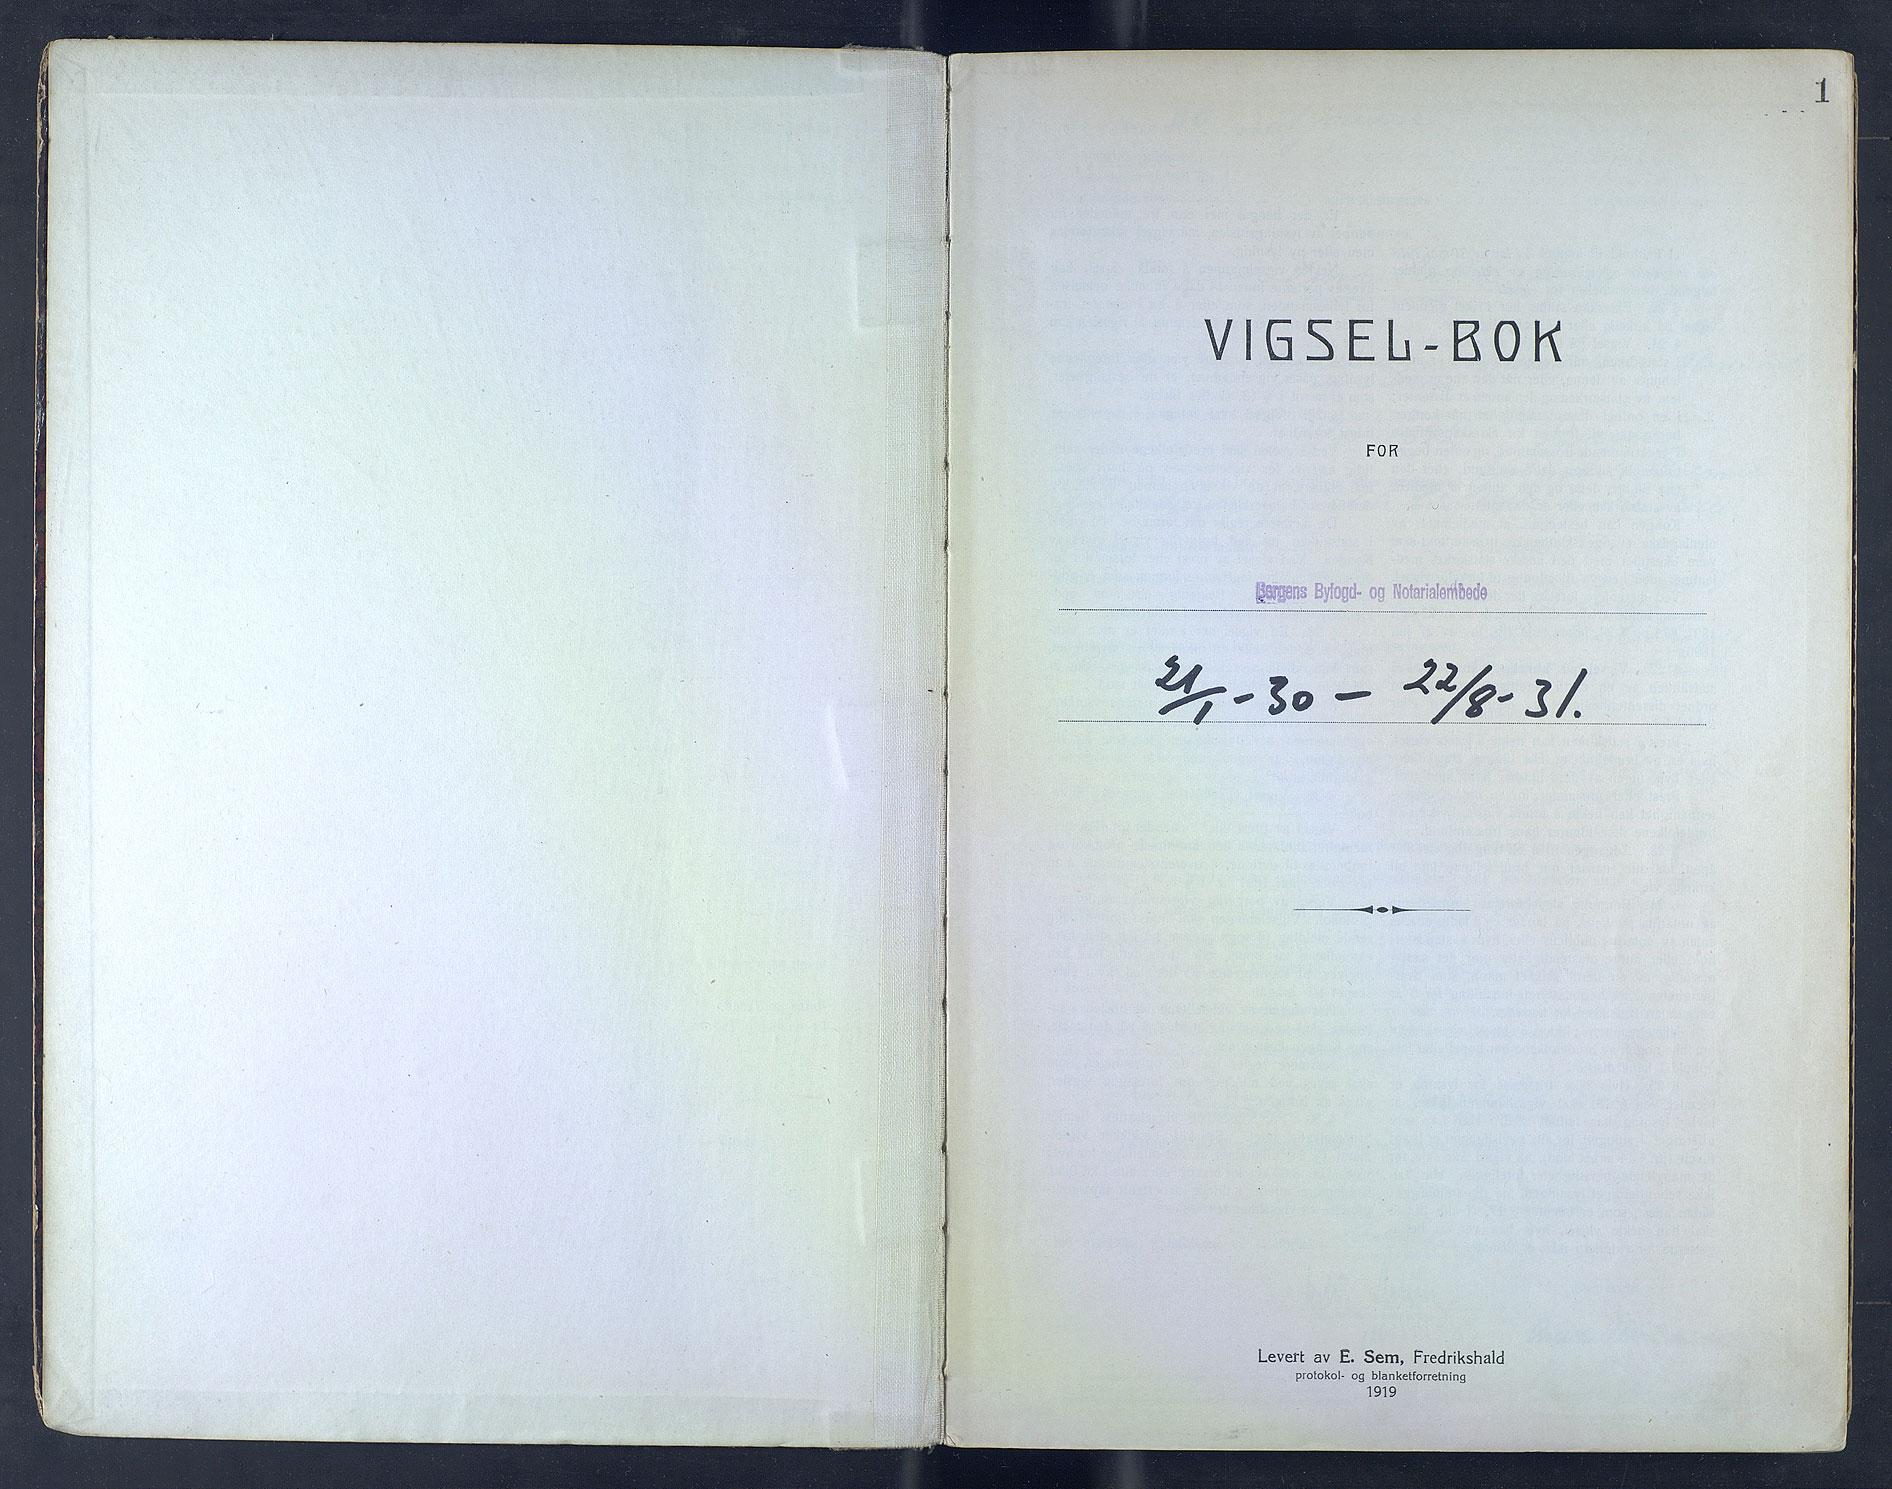 SAB, Bergen byfogd og byskriver*, 1930-1931, s. 1a